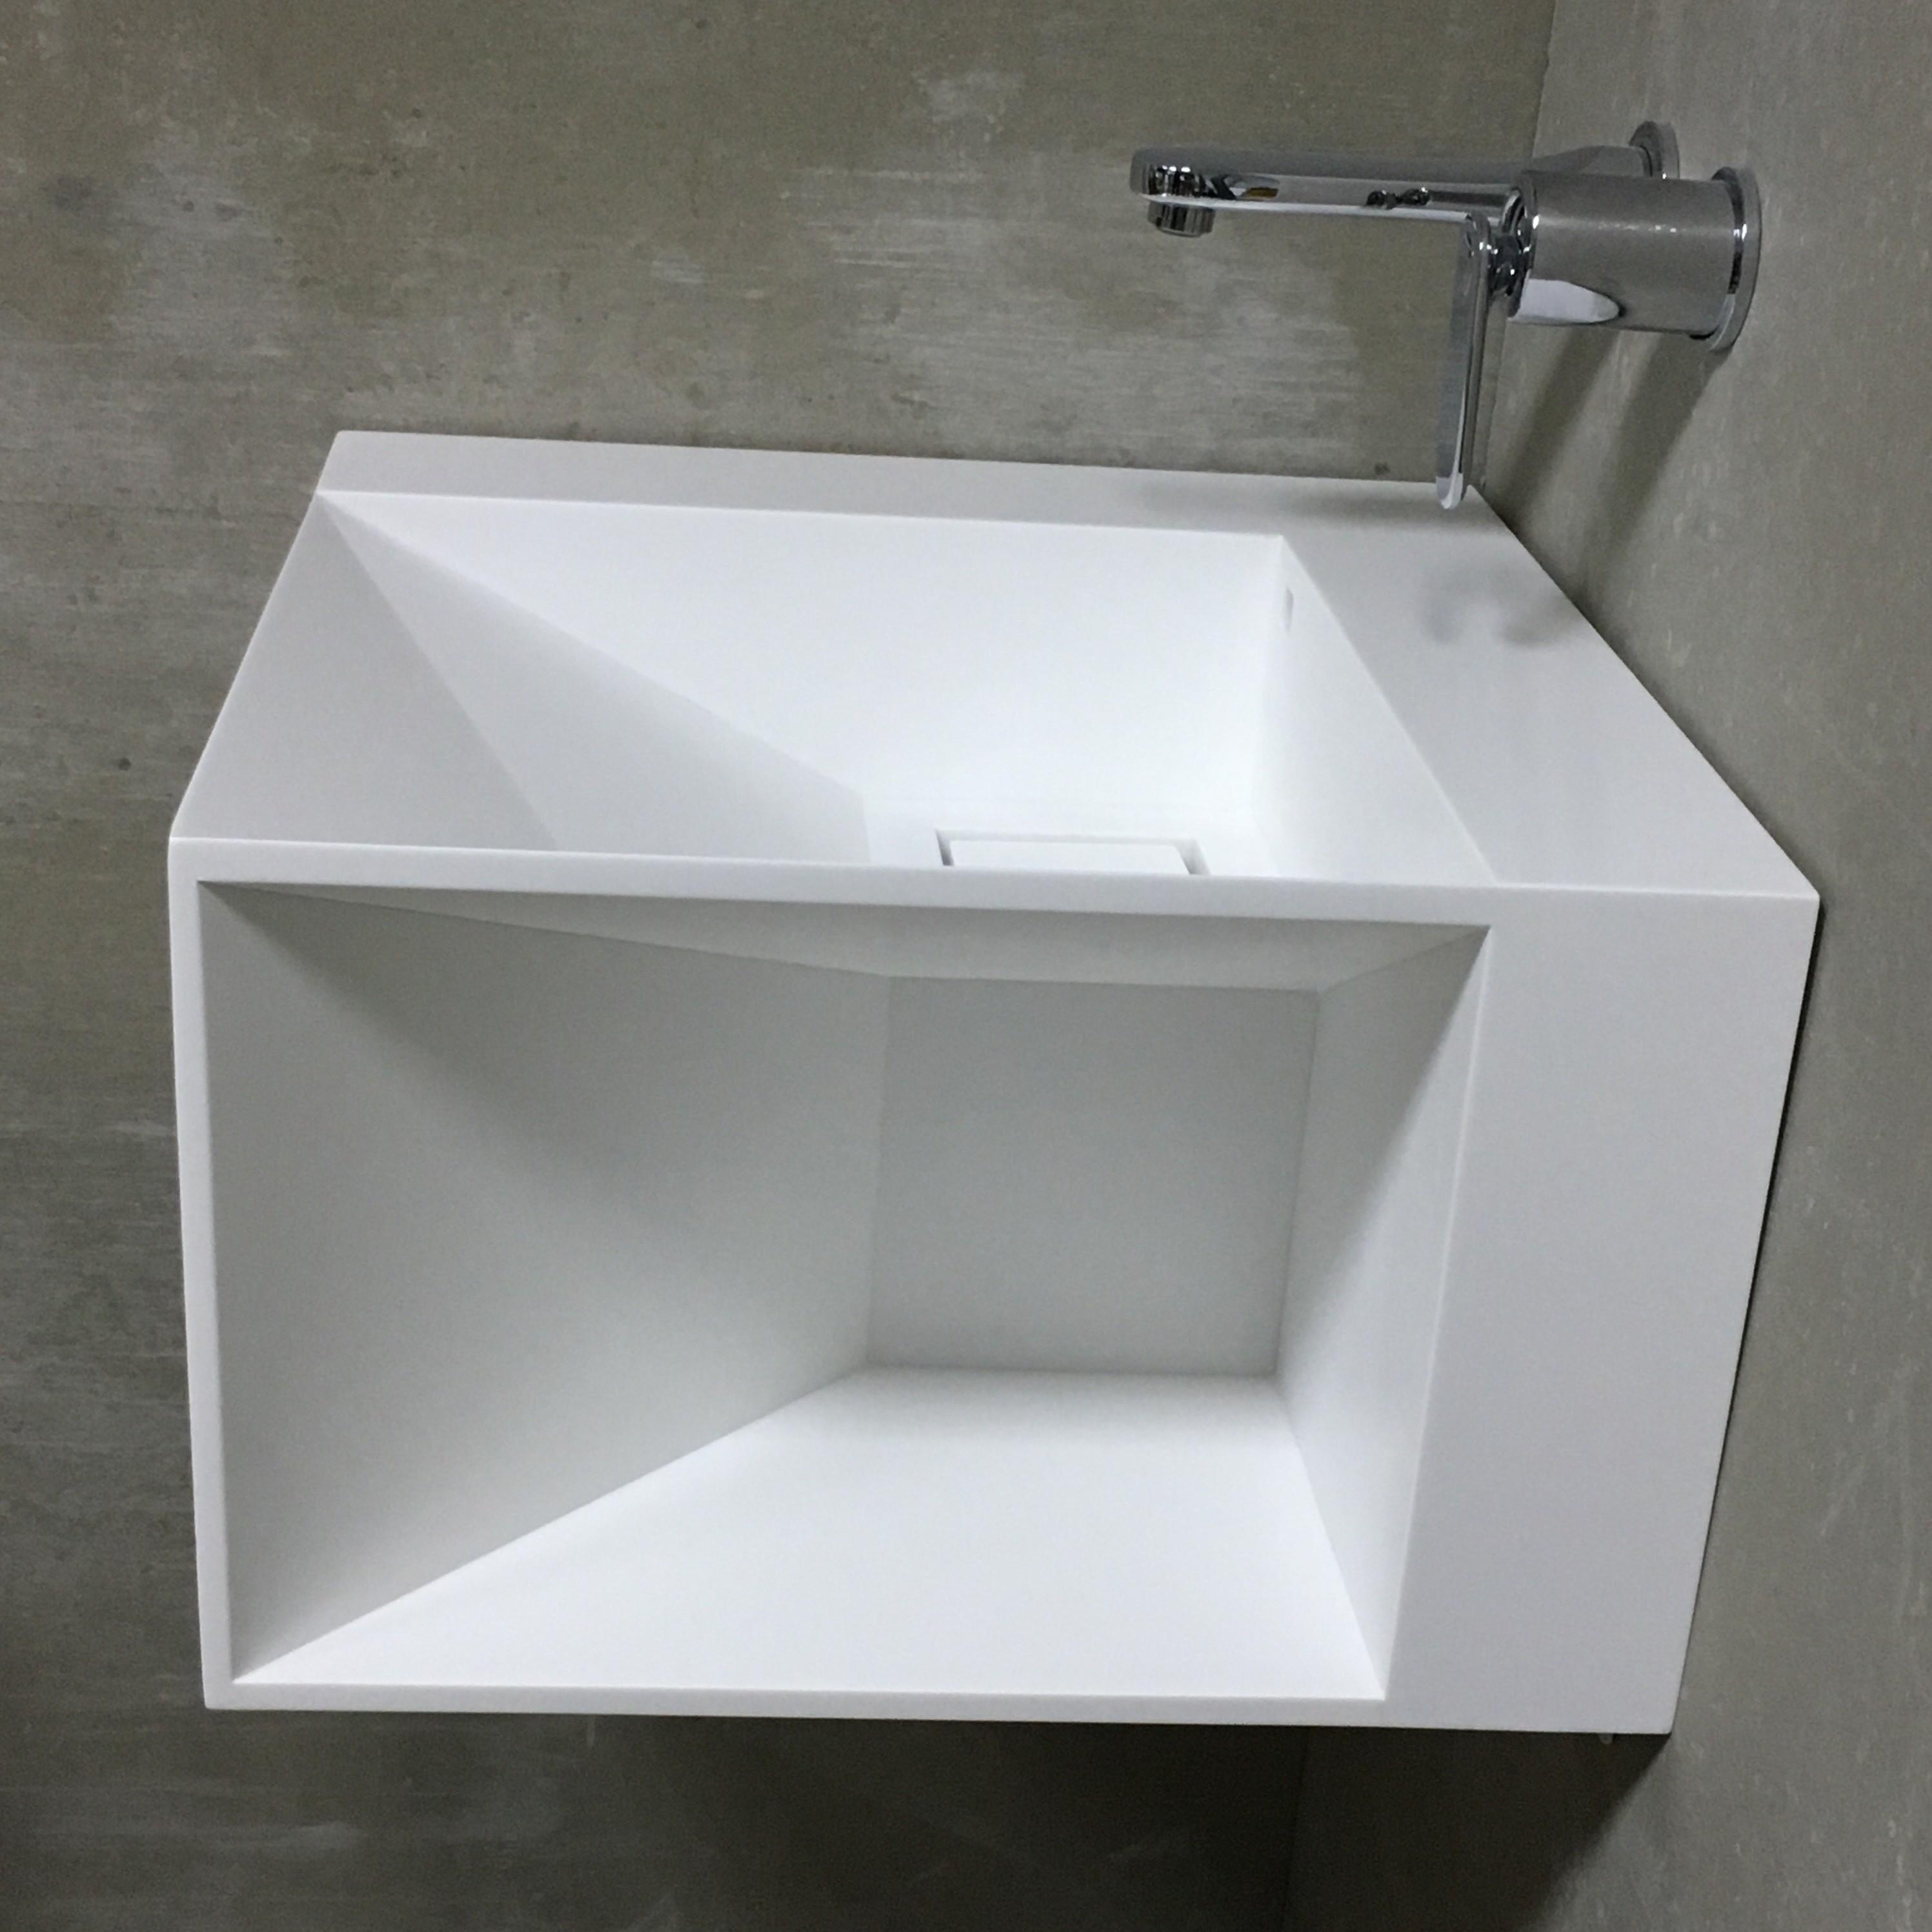 Corian Waschbecken corian luxurious bathrooms estonecril com